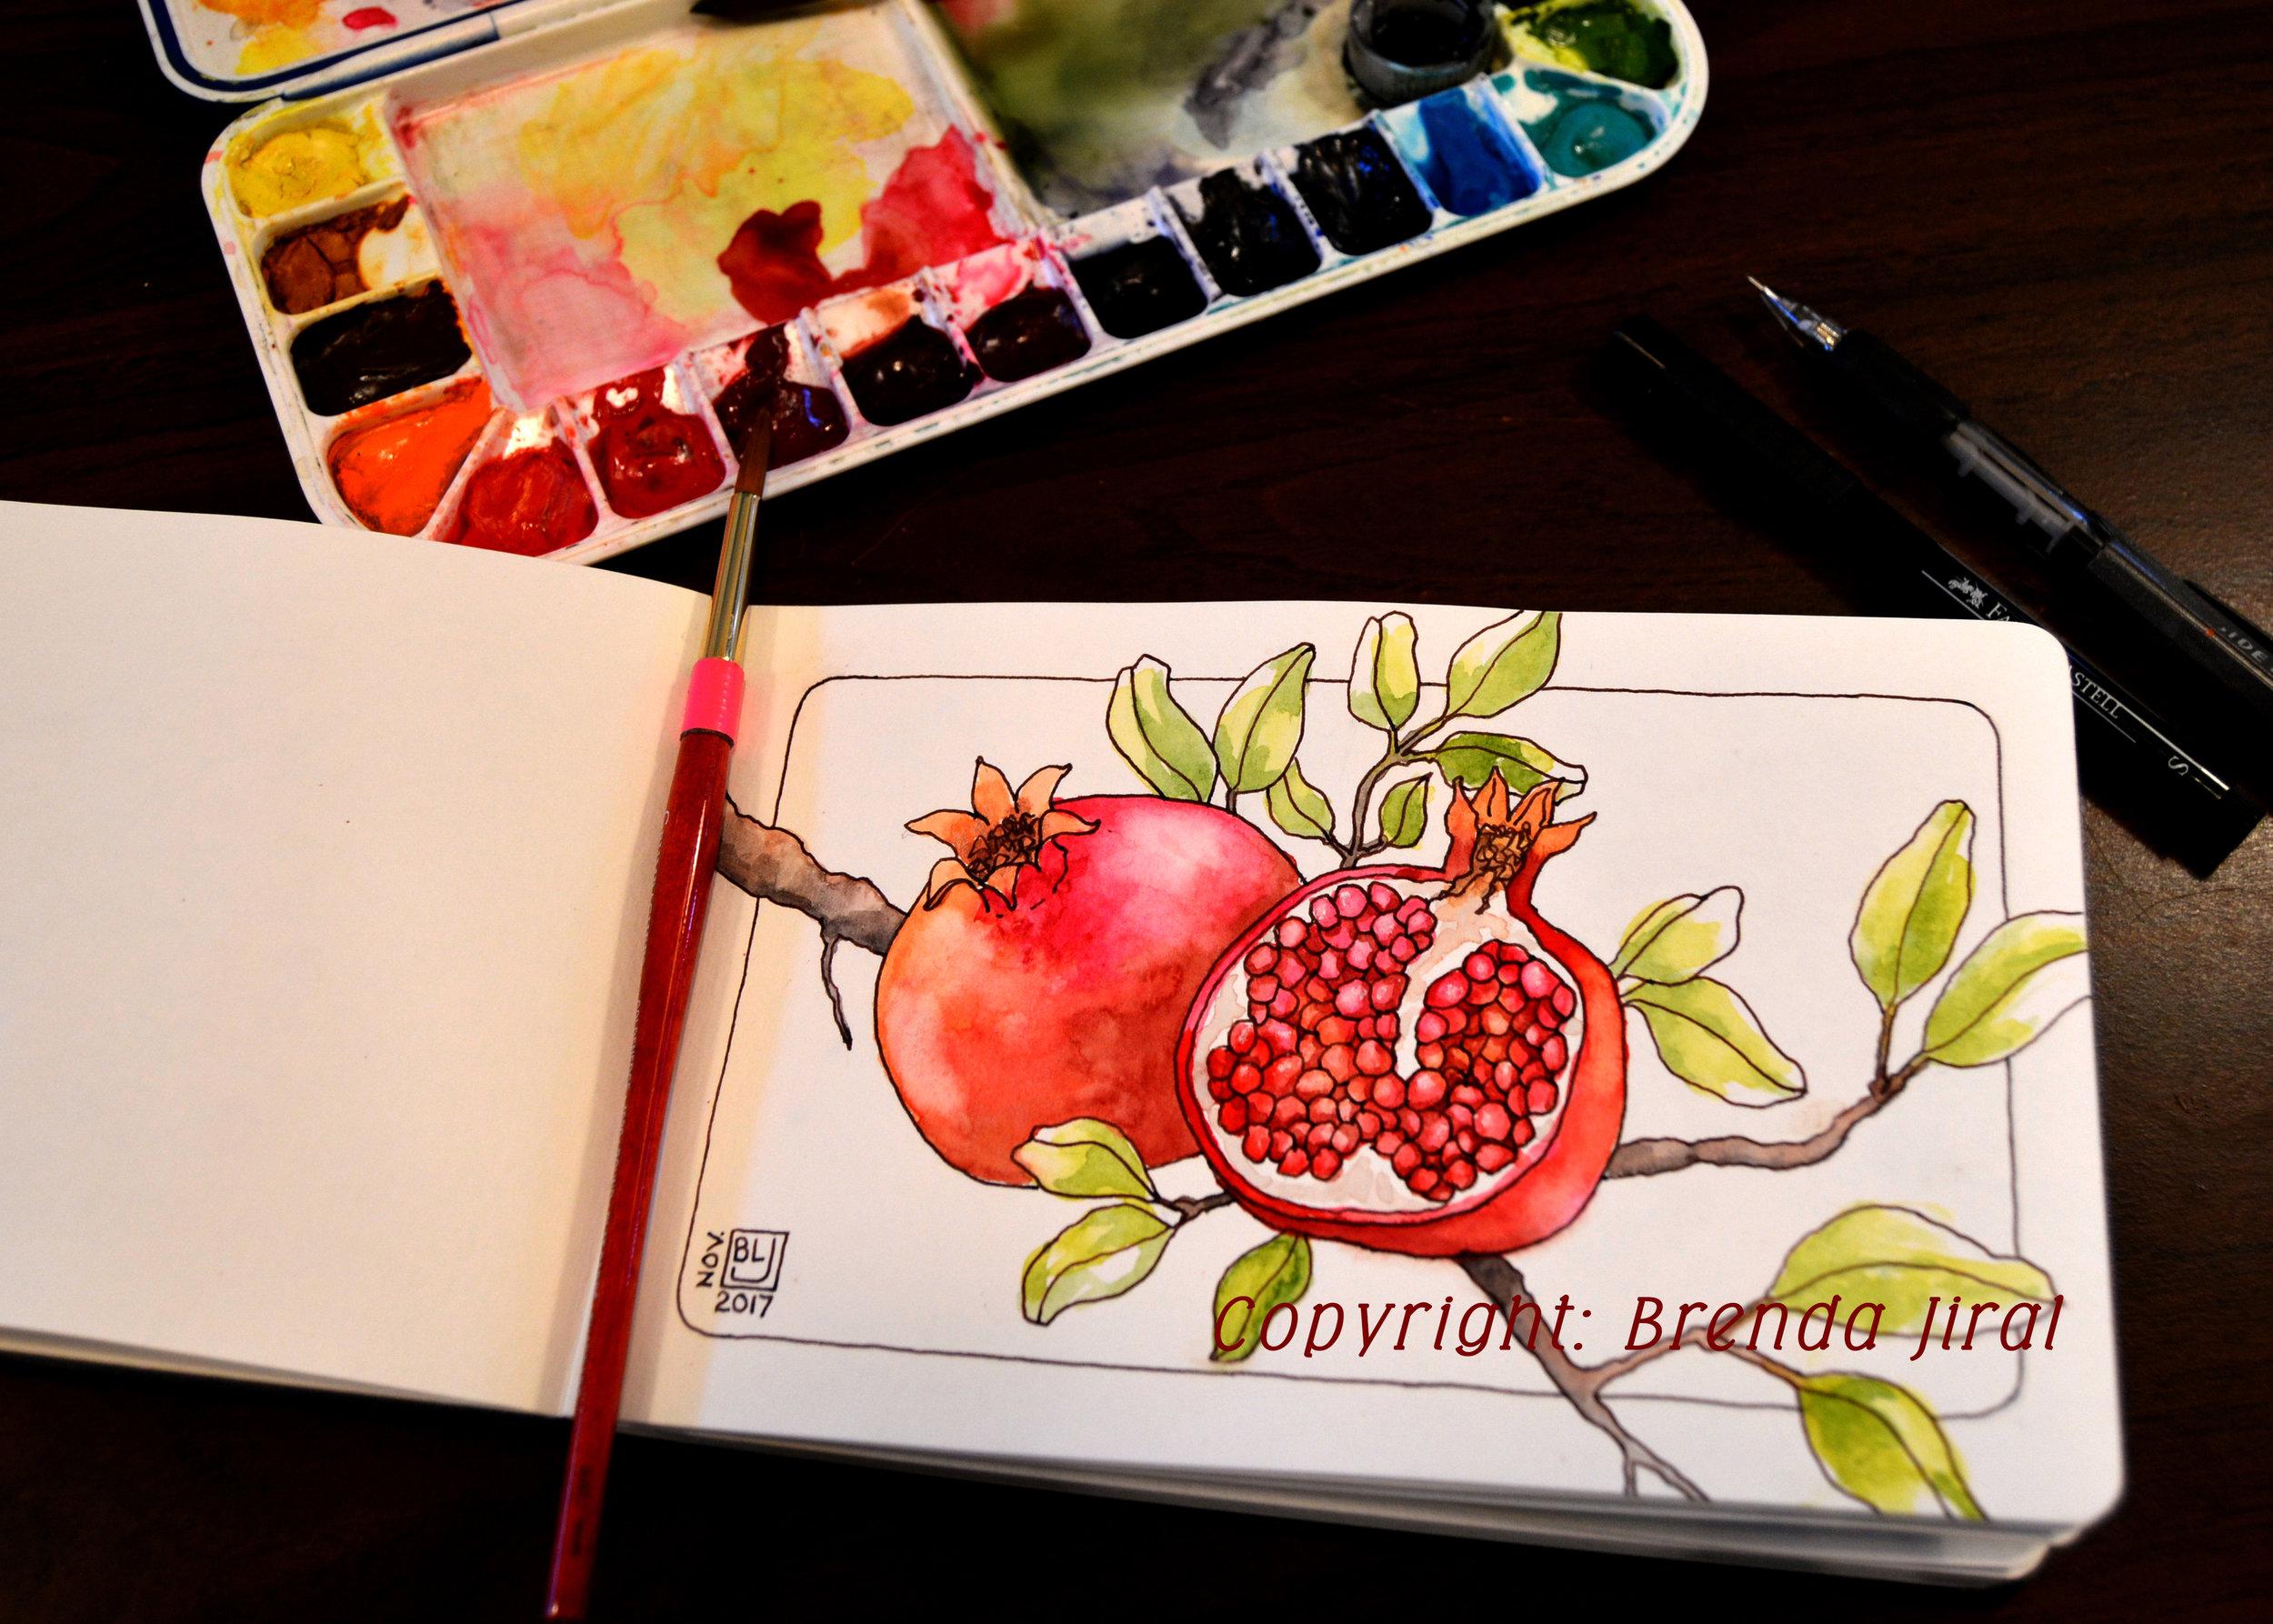 Journal, pommegranites w watermark.jpg